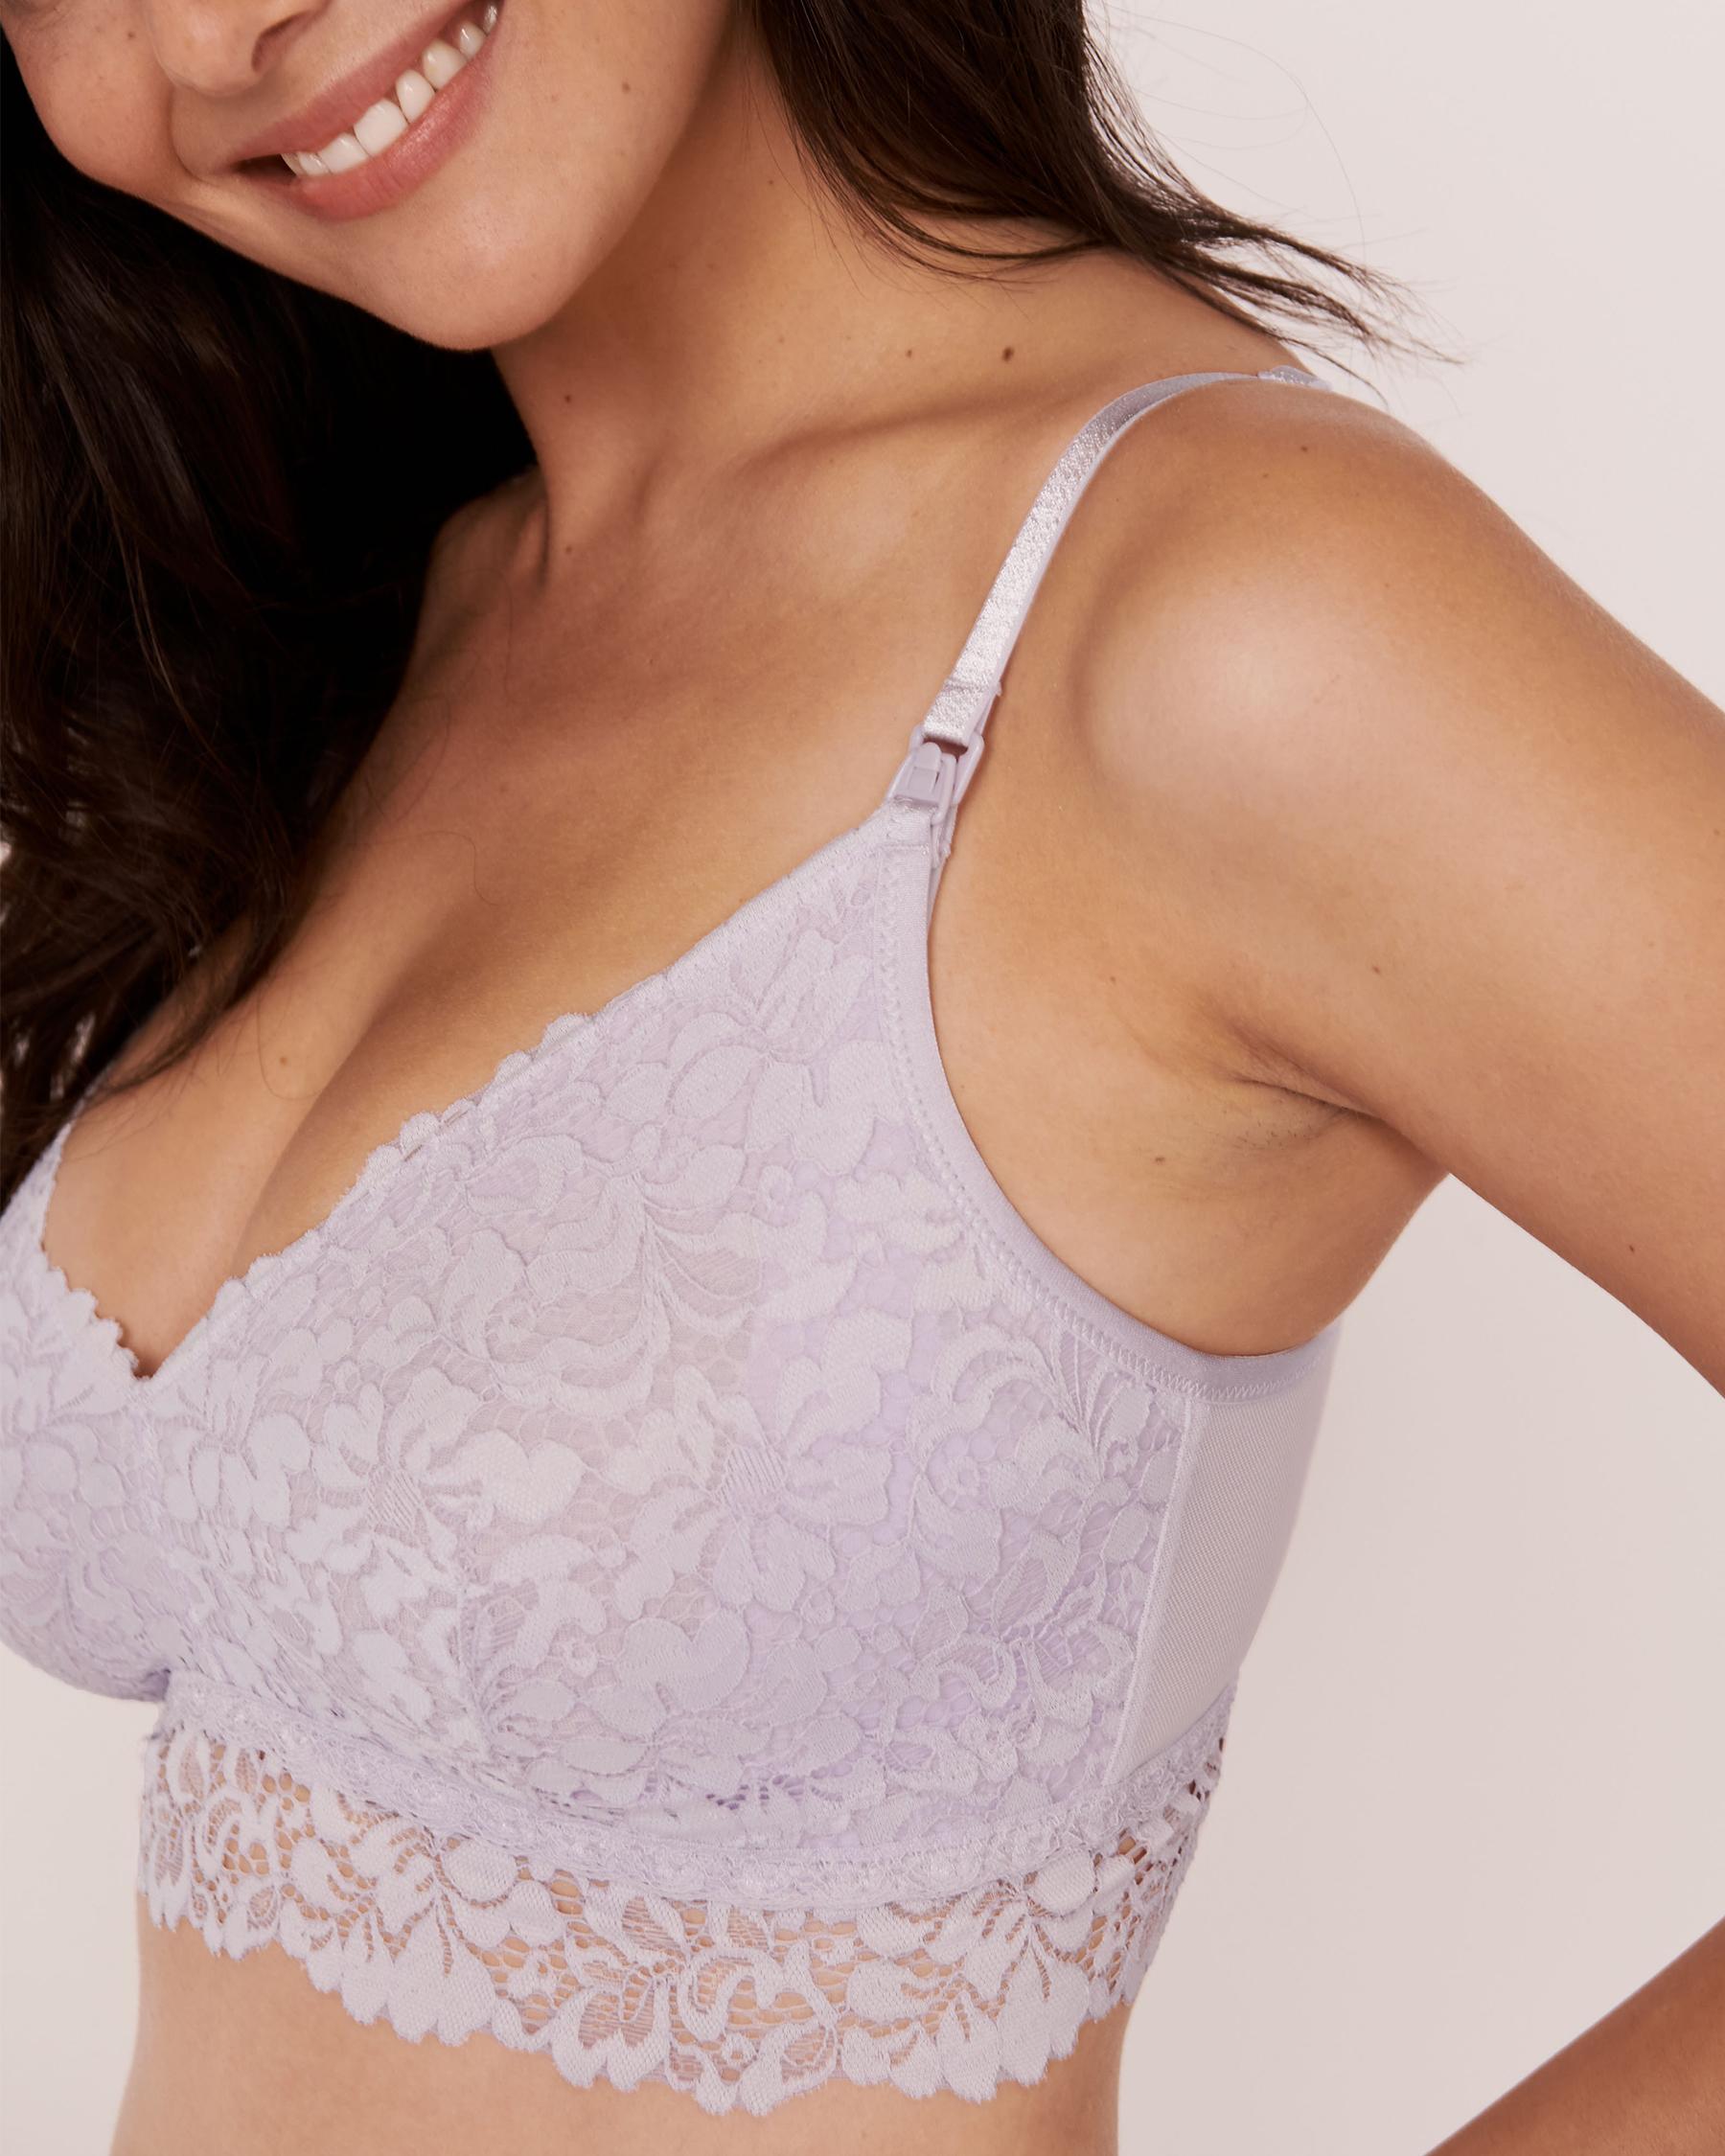 LA VIE EN ROSE Nursing Mesh and Lace Bralette Lavender 10100027 - View3